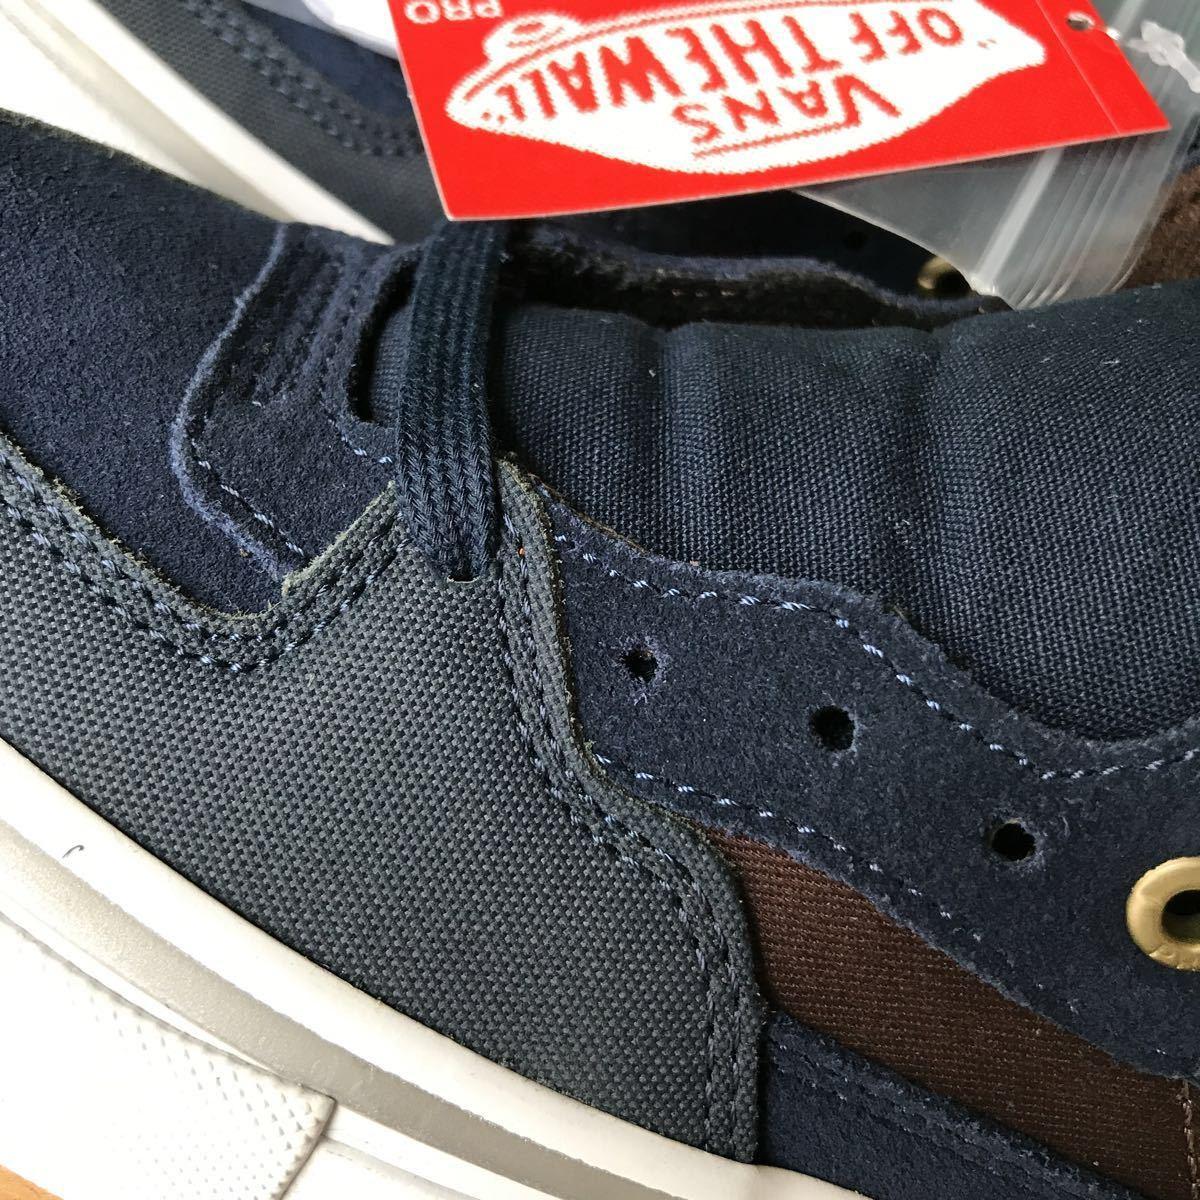 スニーカー VANS ハーフキャブプロ 25cm(US7)Dress Blues バンズ スケーターシューズ インディペンデント コラボモデル_画像5